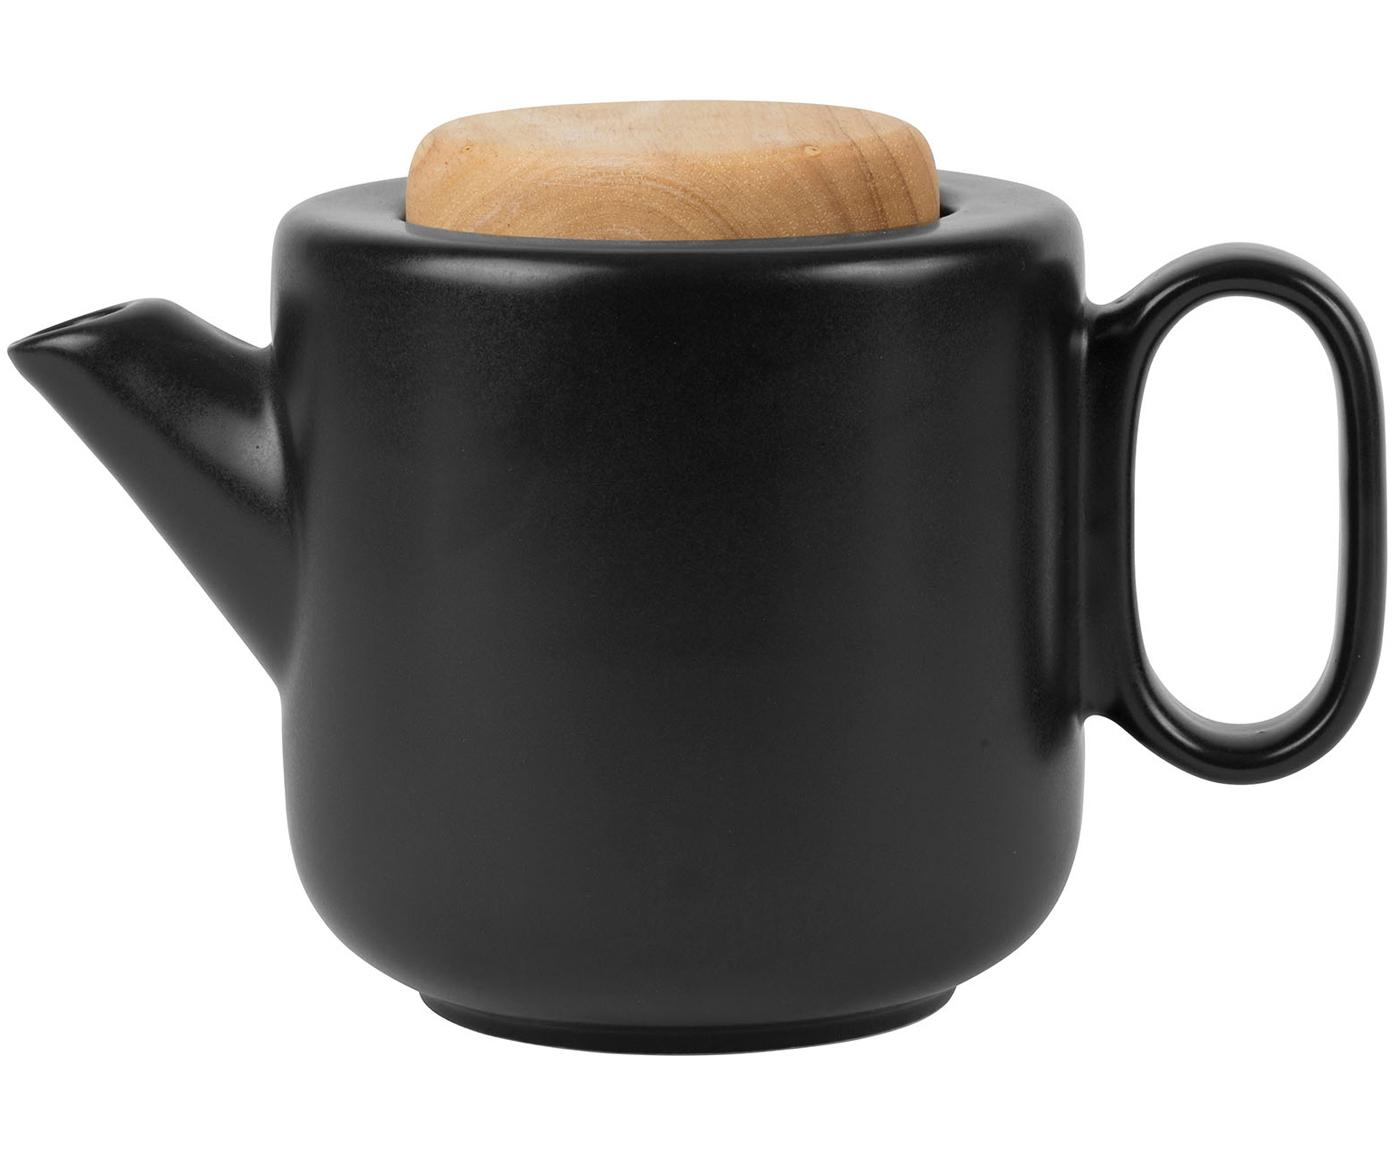 Teiera con colino da tè e coperchio Baltika, Terracotta, bambù, acciaio inossidabile, Nero, 1 l